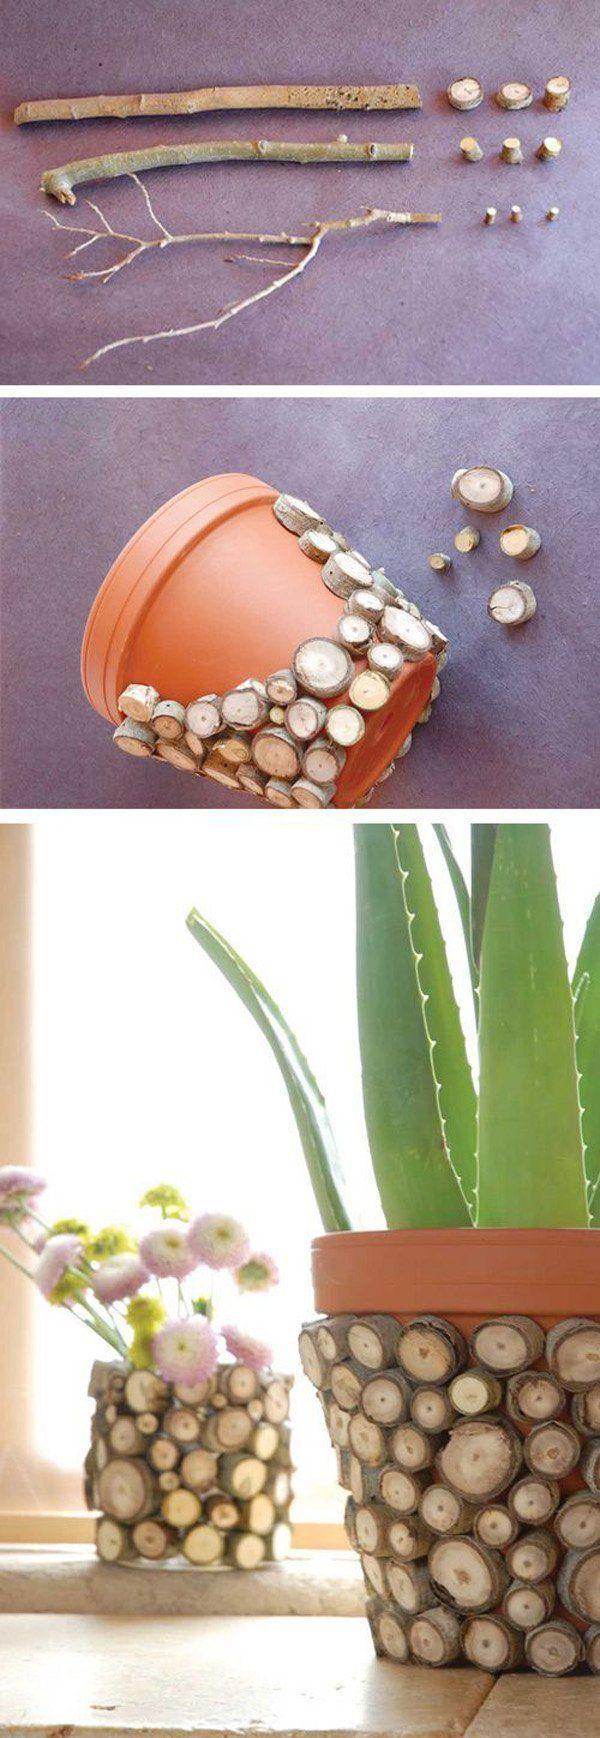 Ihr Topf, den Sie im Haus oder davor hüten, kann auf diese Weise dekoriert werden. Y … #WoodWorking